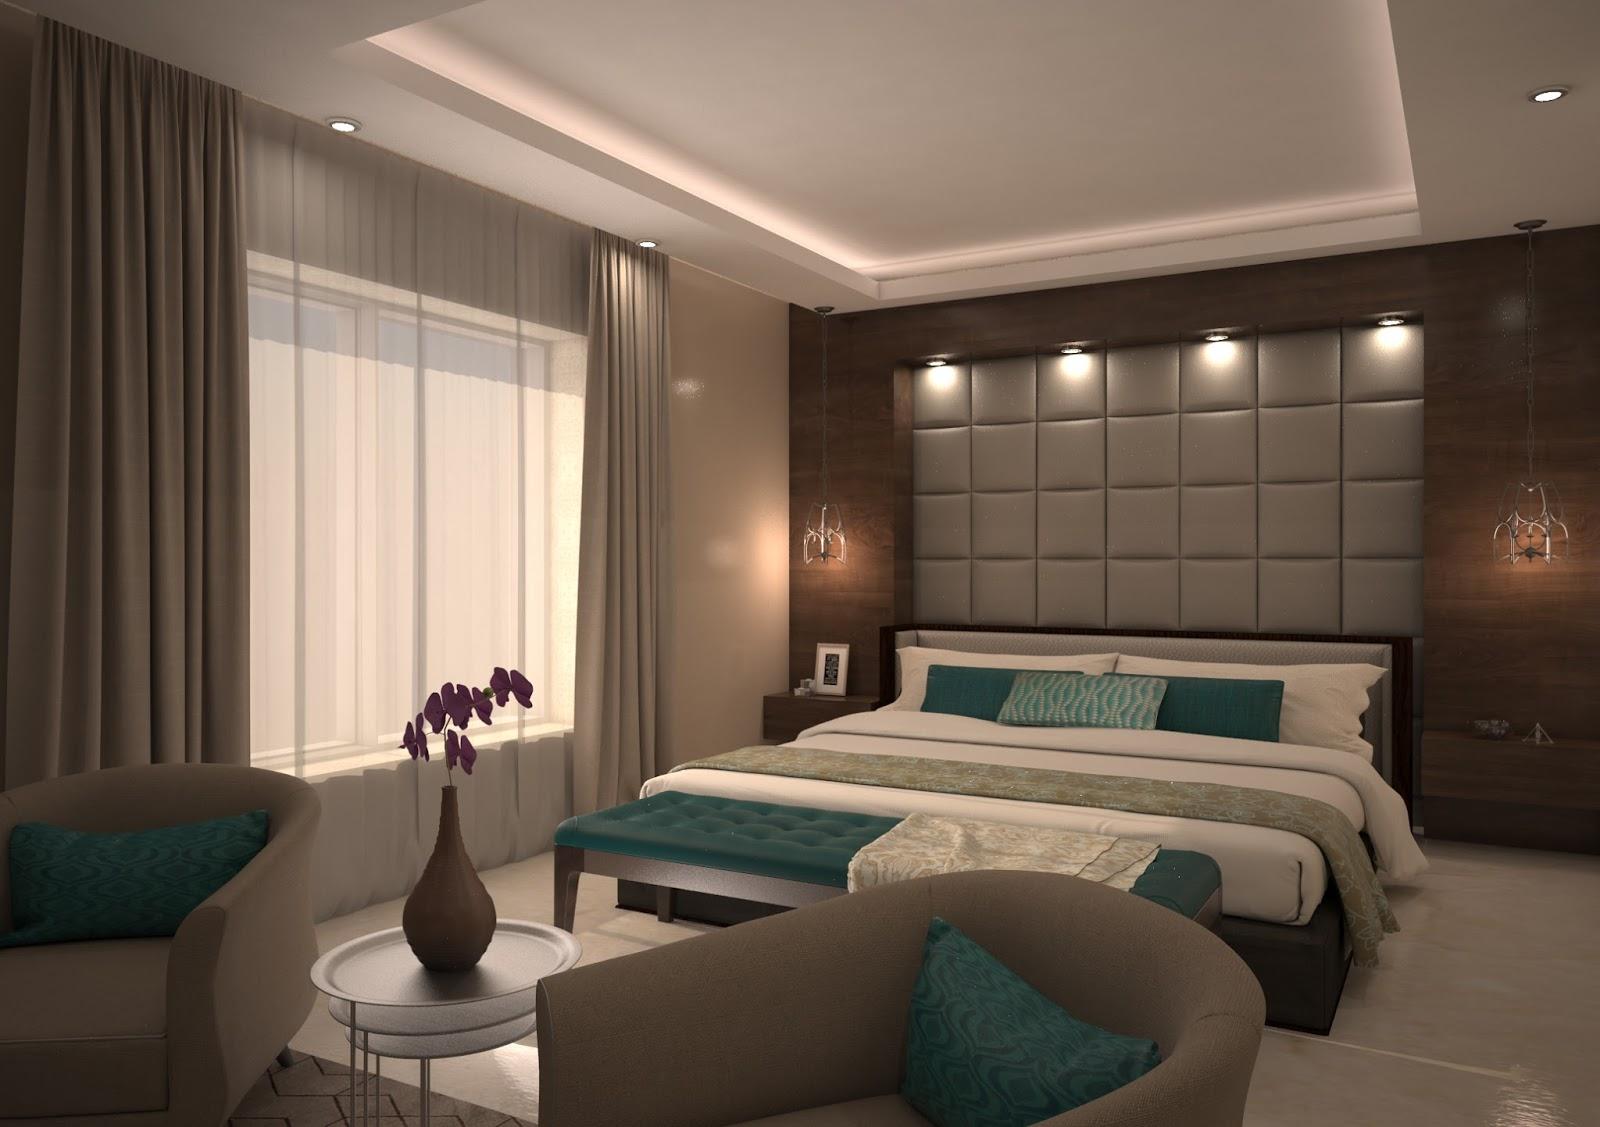 أفكار ديكورات جدران غرف النوم | الراقية